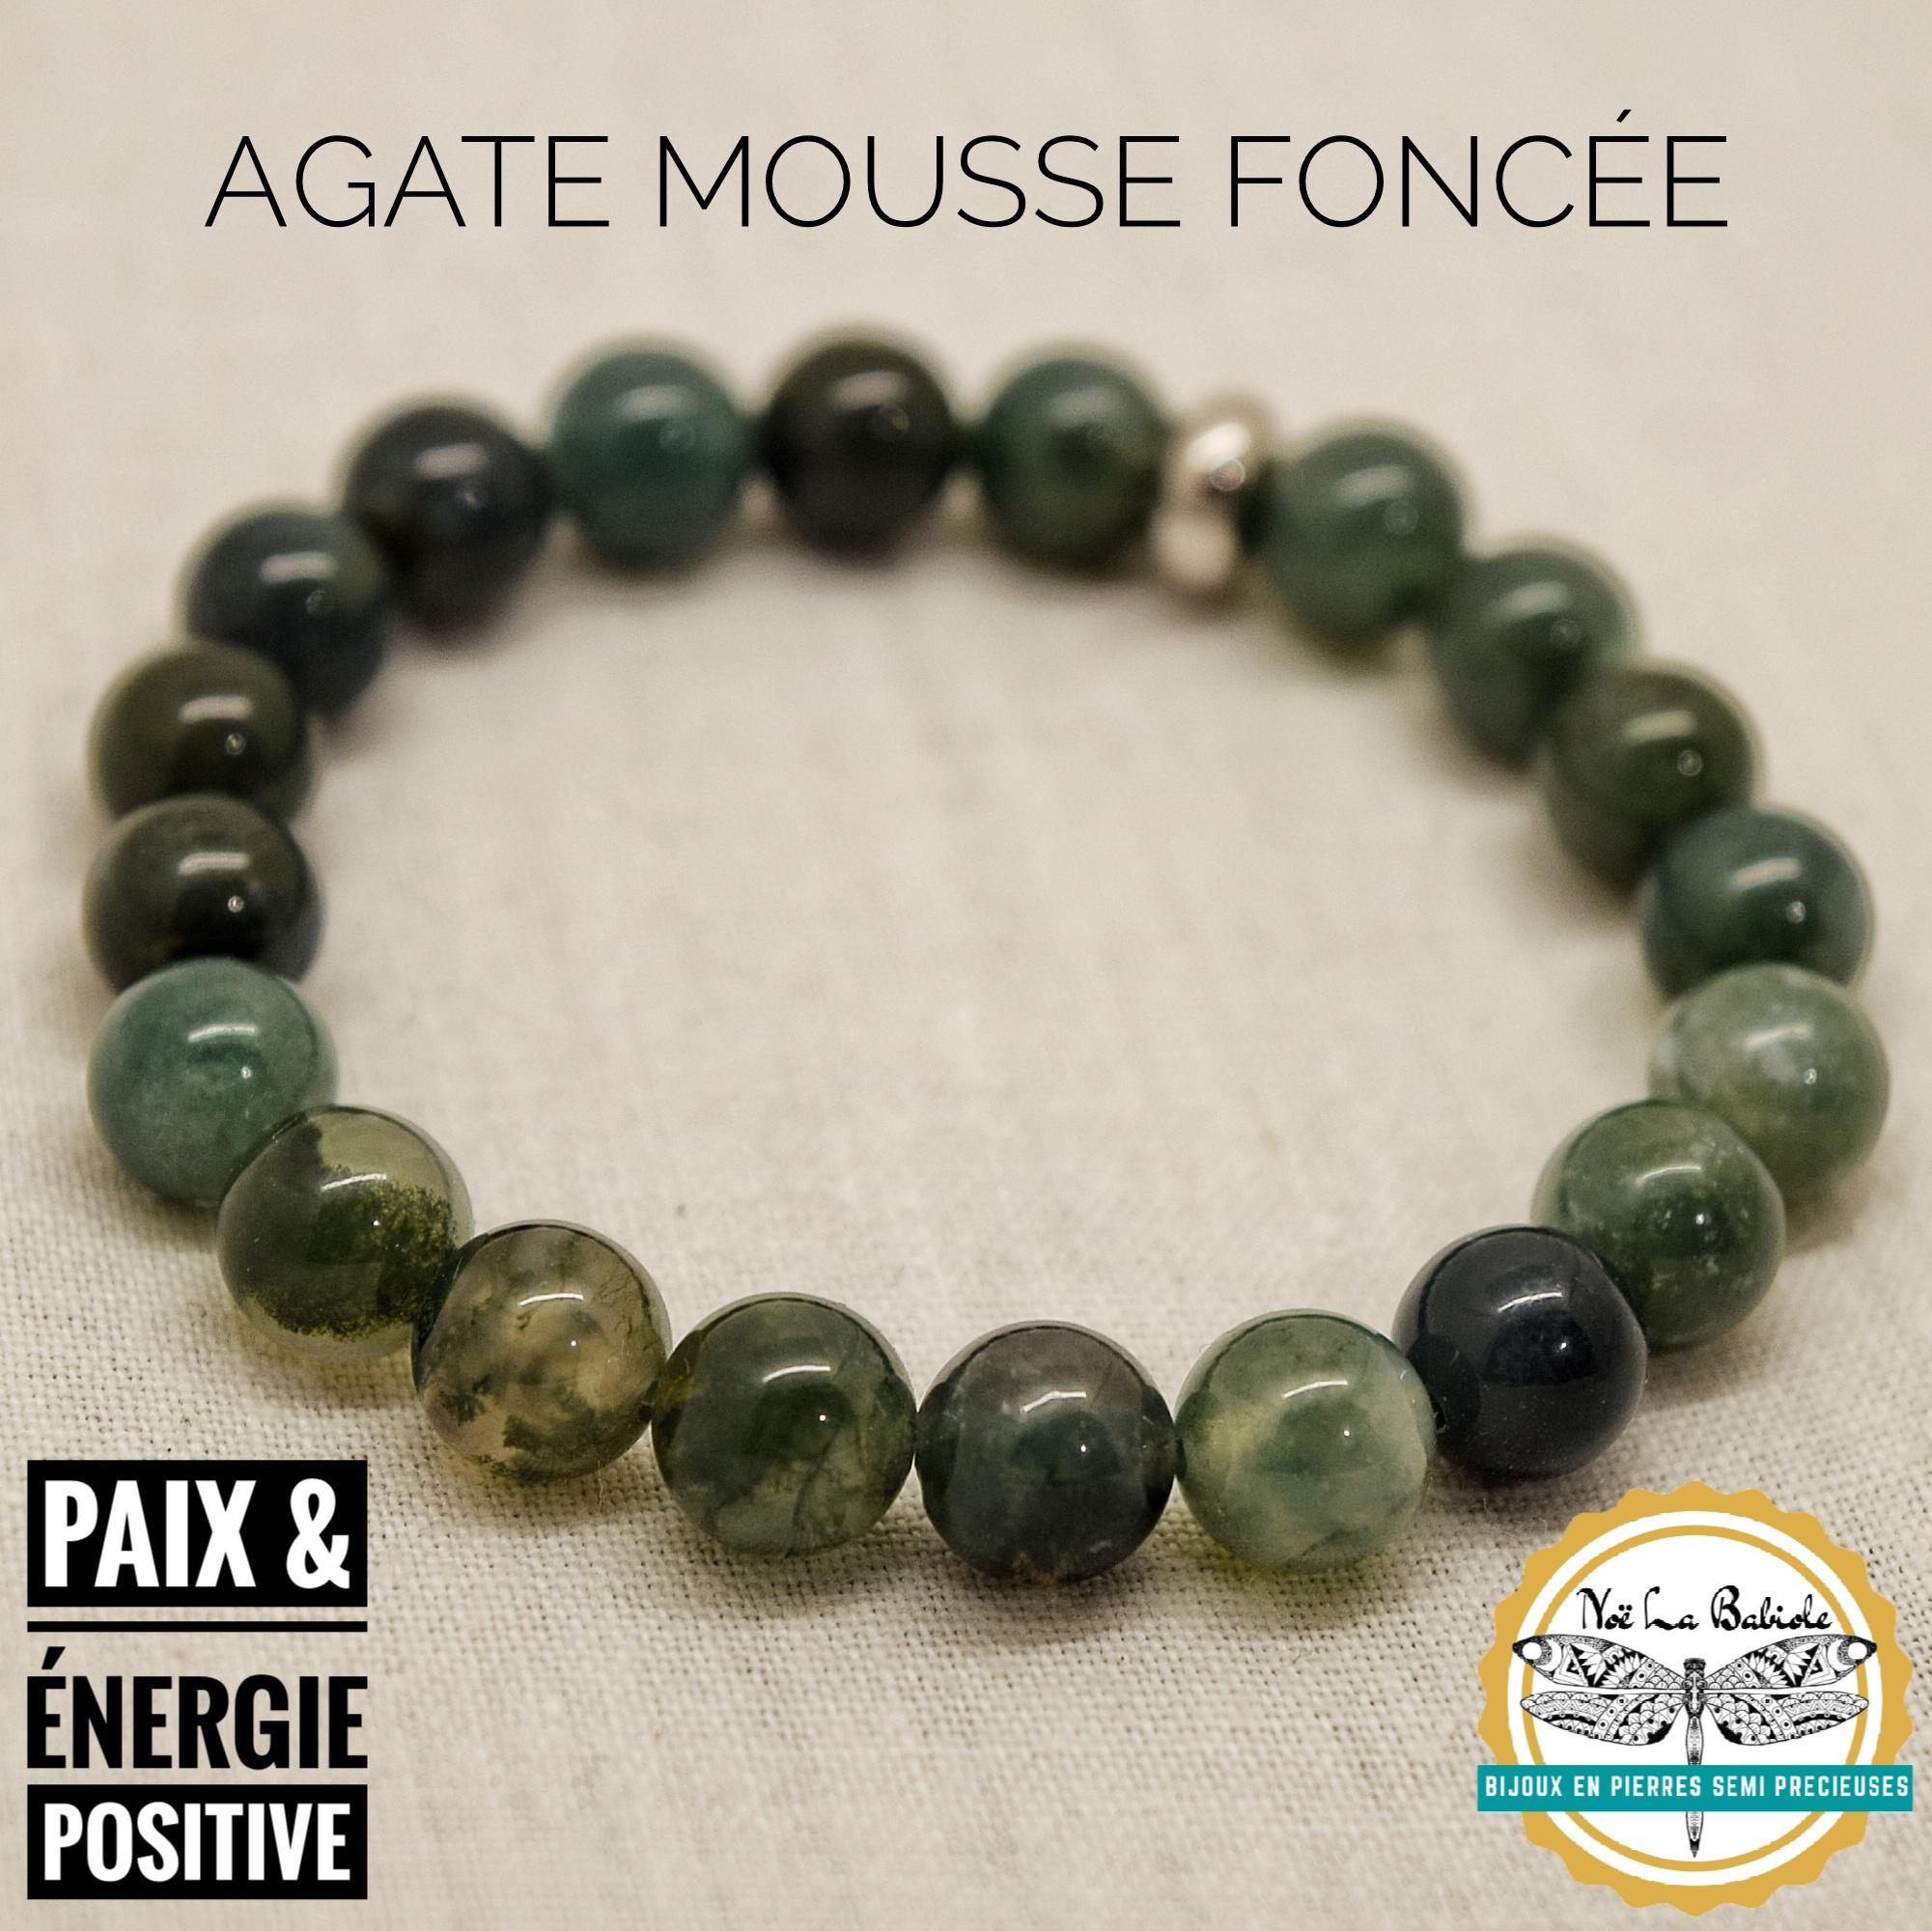 Bracelet Energie positive & Apaisement en Agate mousse foncée